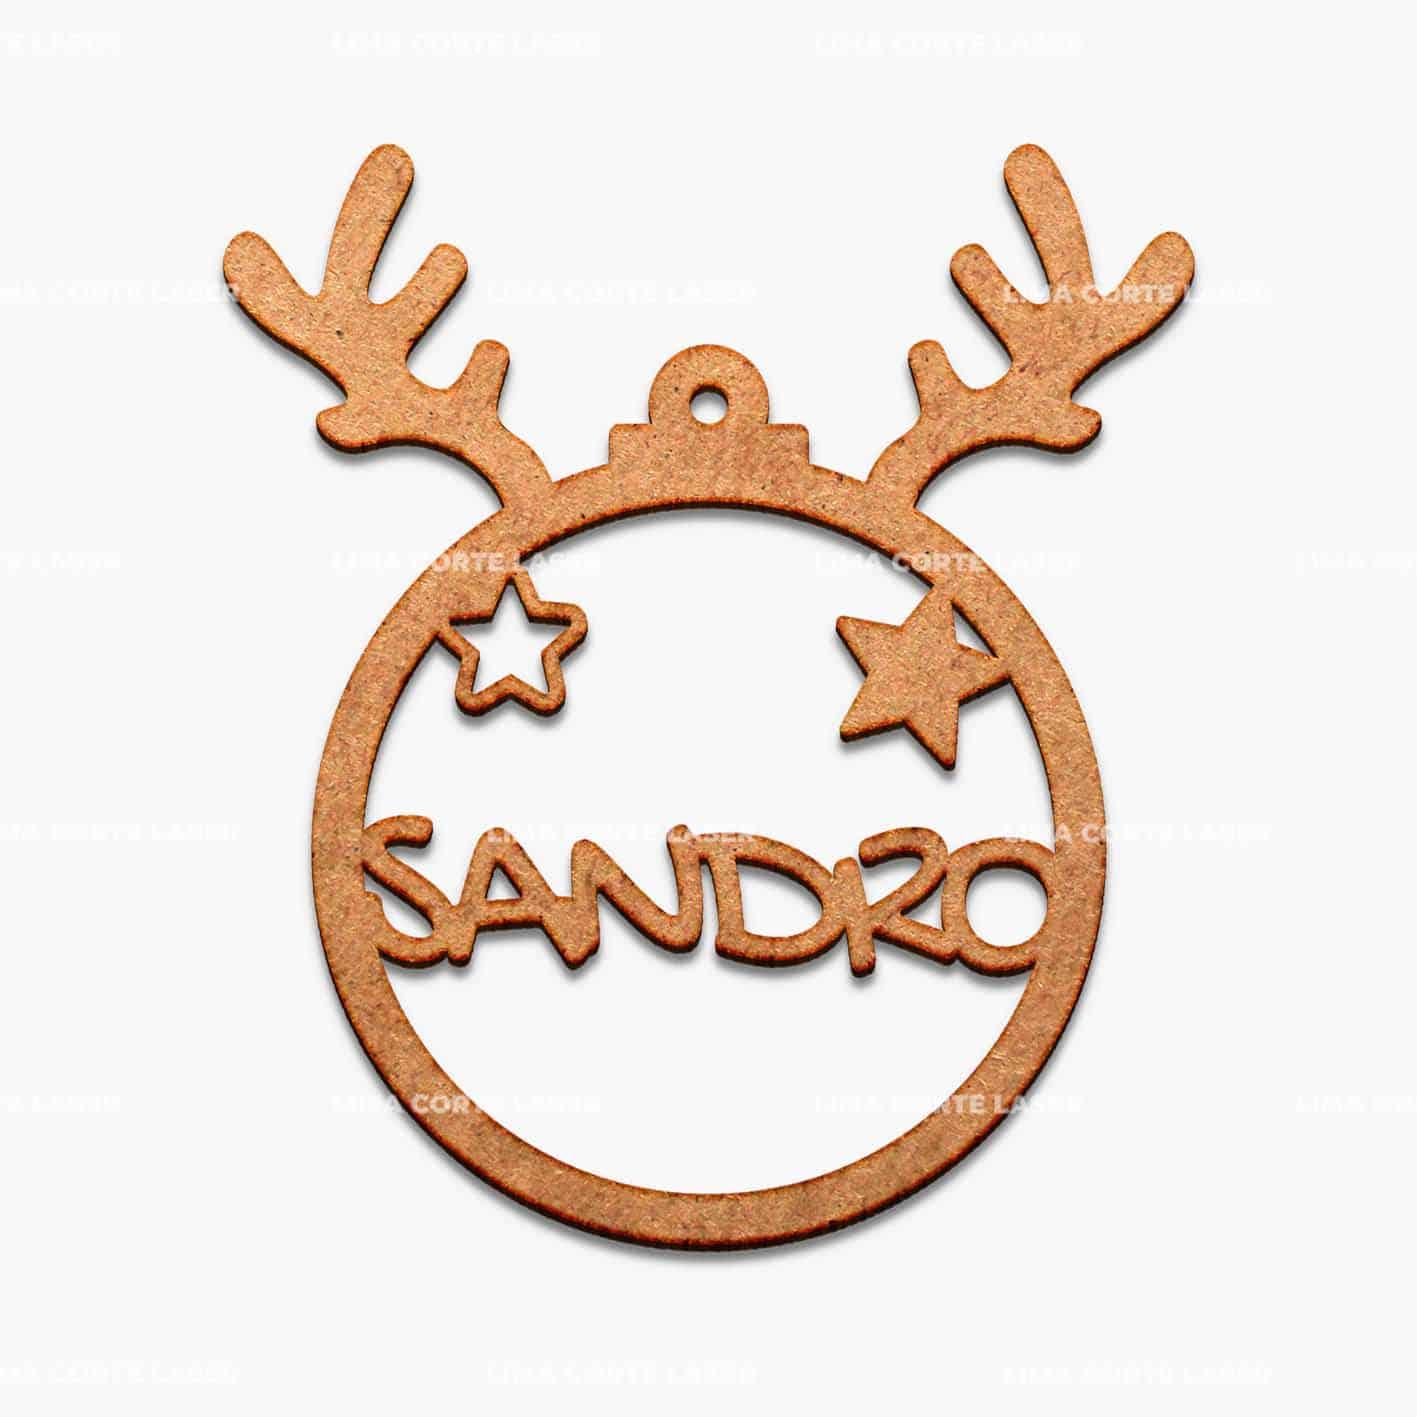 Bolas de Navidad personalizadas de madera calada con forma de reno y nombre Sandro